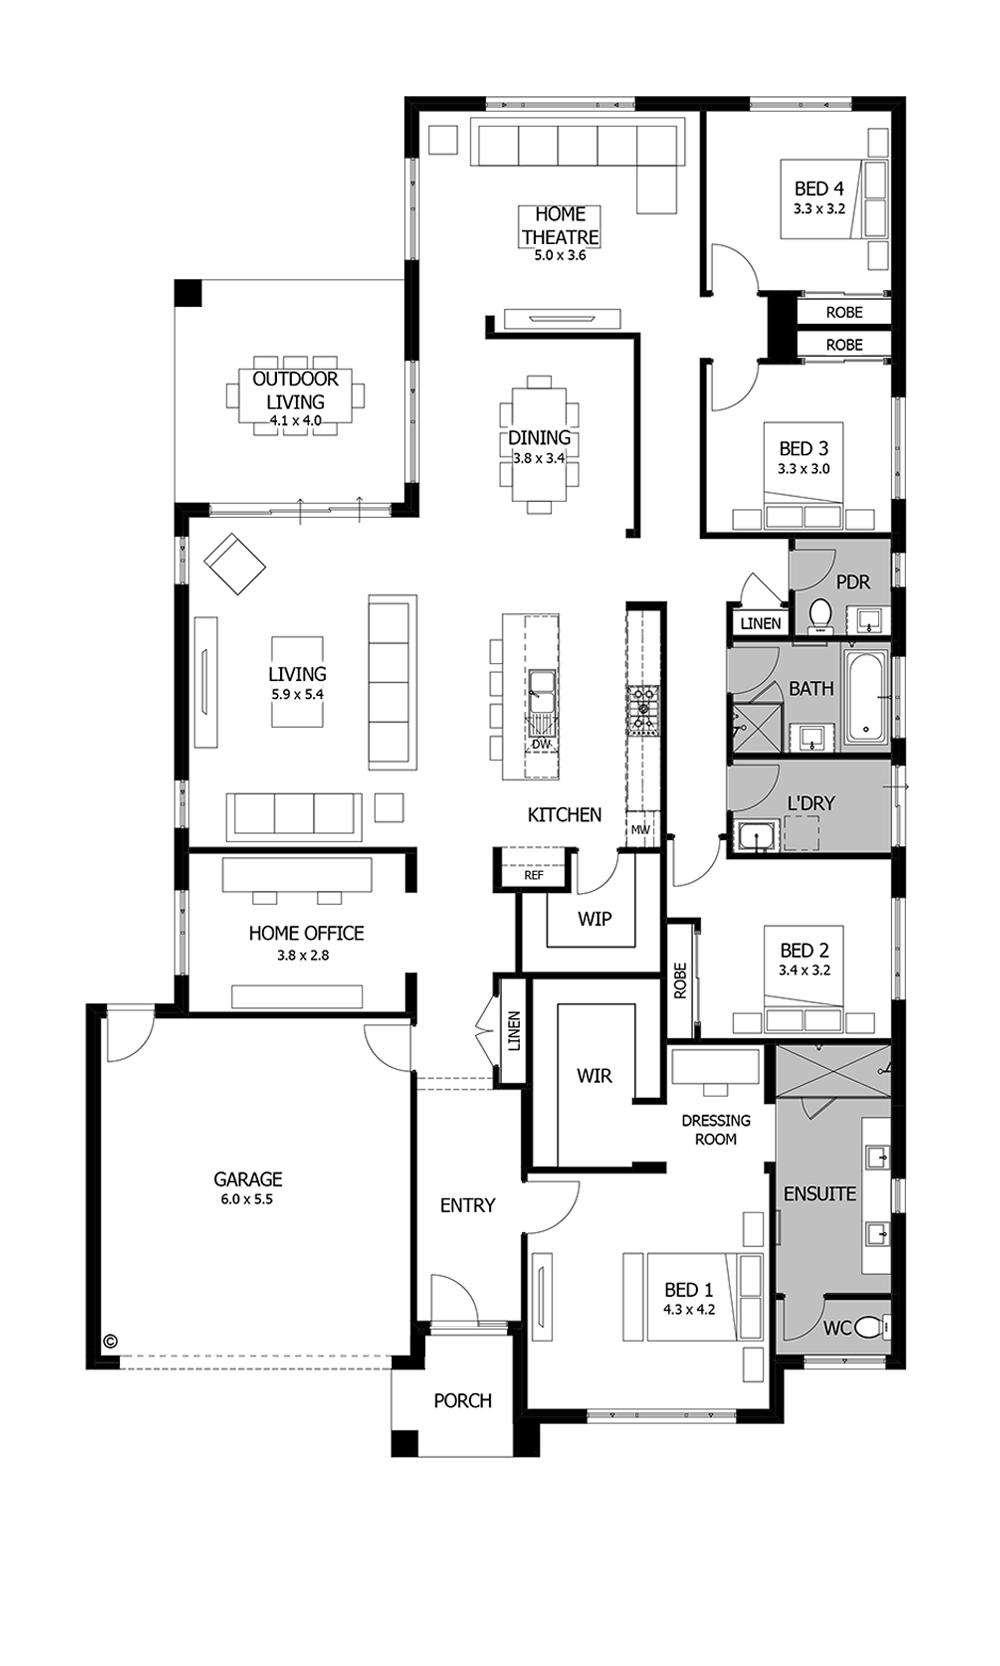 Boutique Homes Home Design Floor Plans Dream House Plans House Blueprints